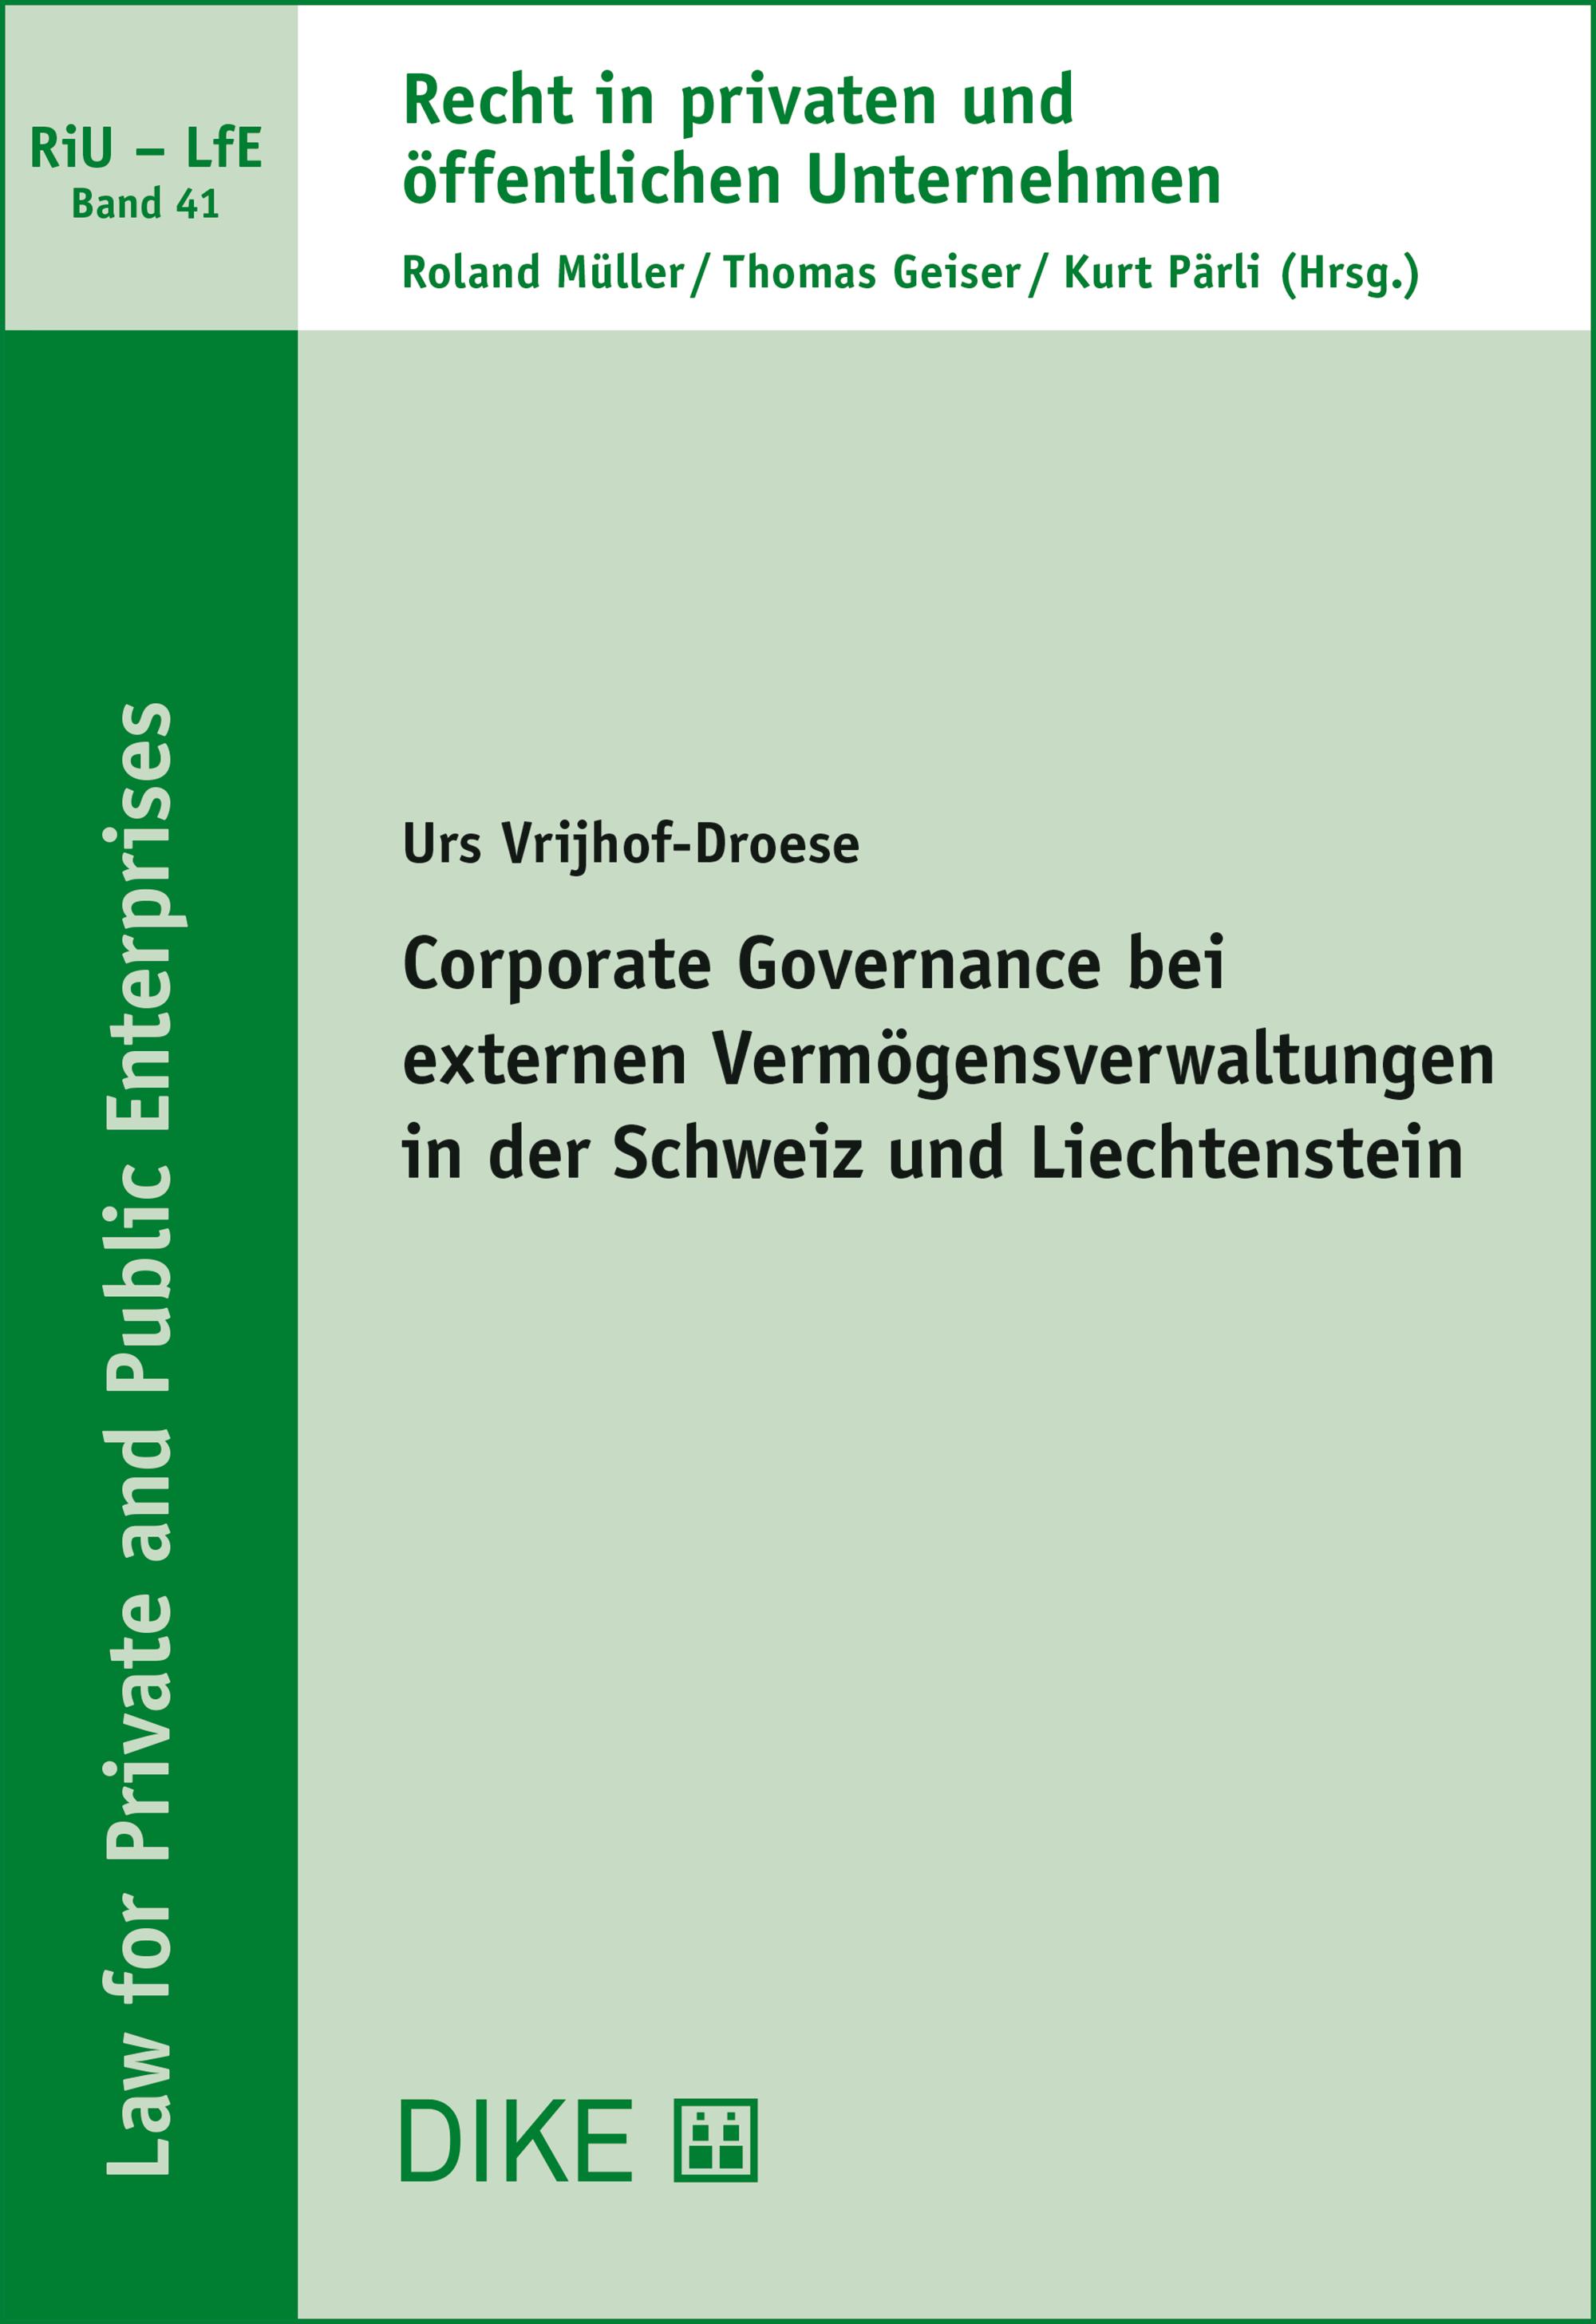 Corporate Governance bei externen Vermögensverwaltungen in der Schweiz und Liechtenstein